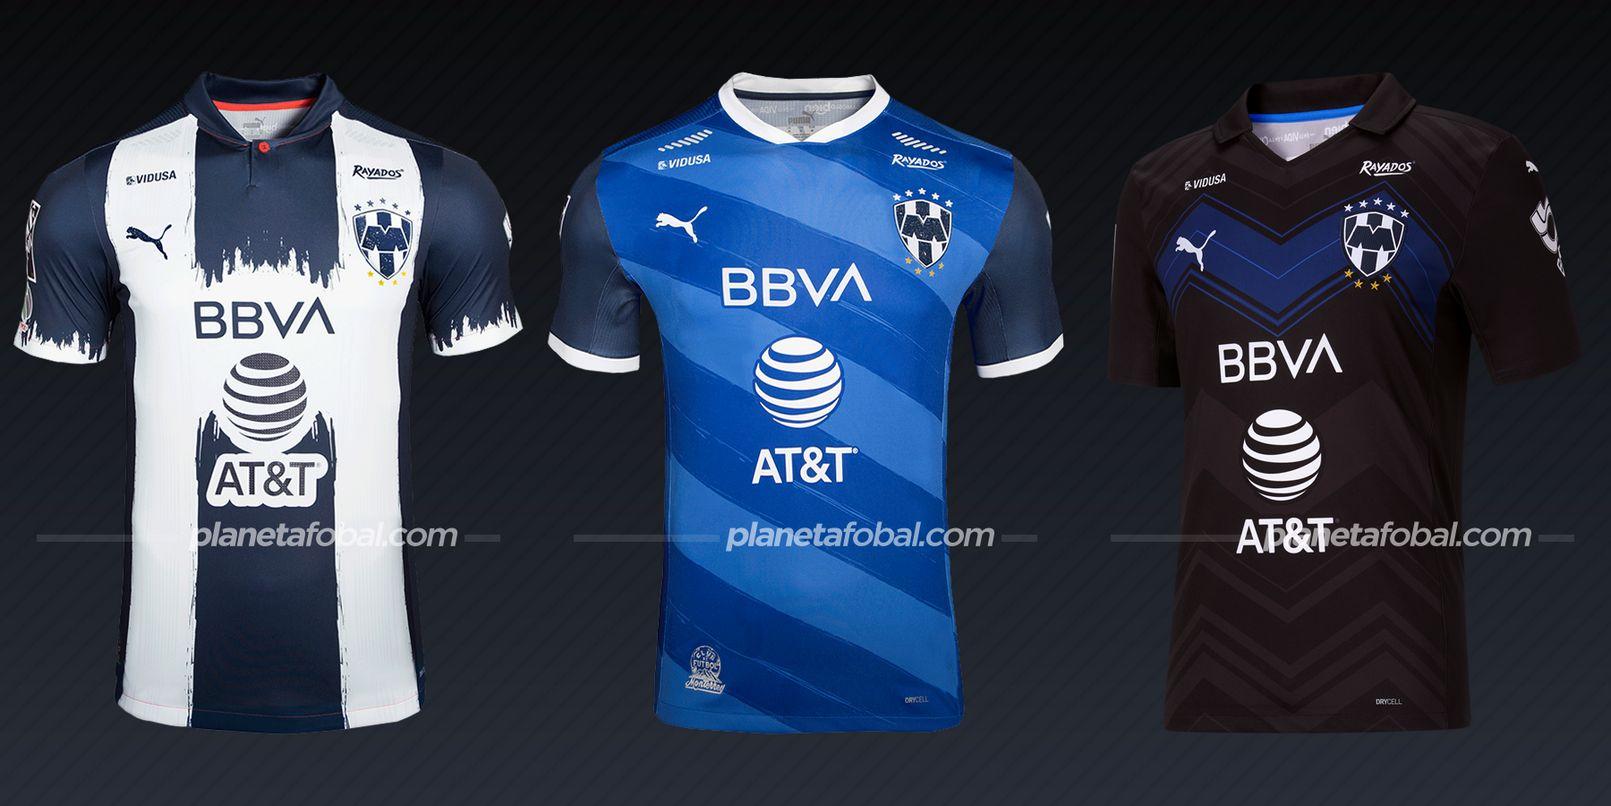 Rayados de Monterrey (Puma) | Camisetas de la Liga MX 2020/2021